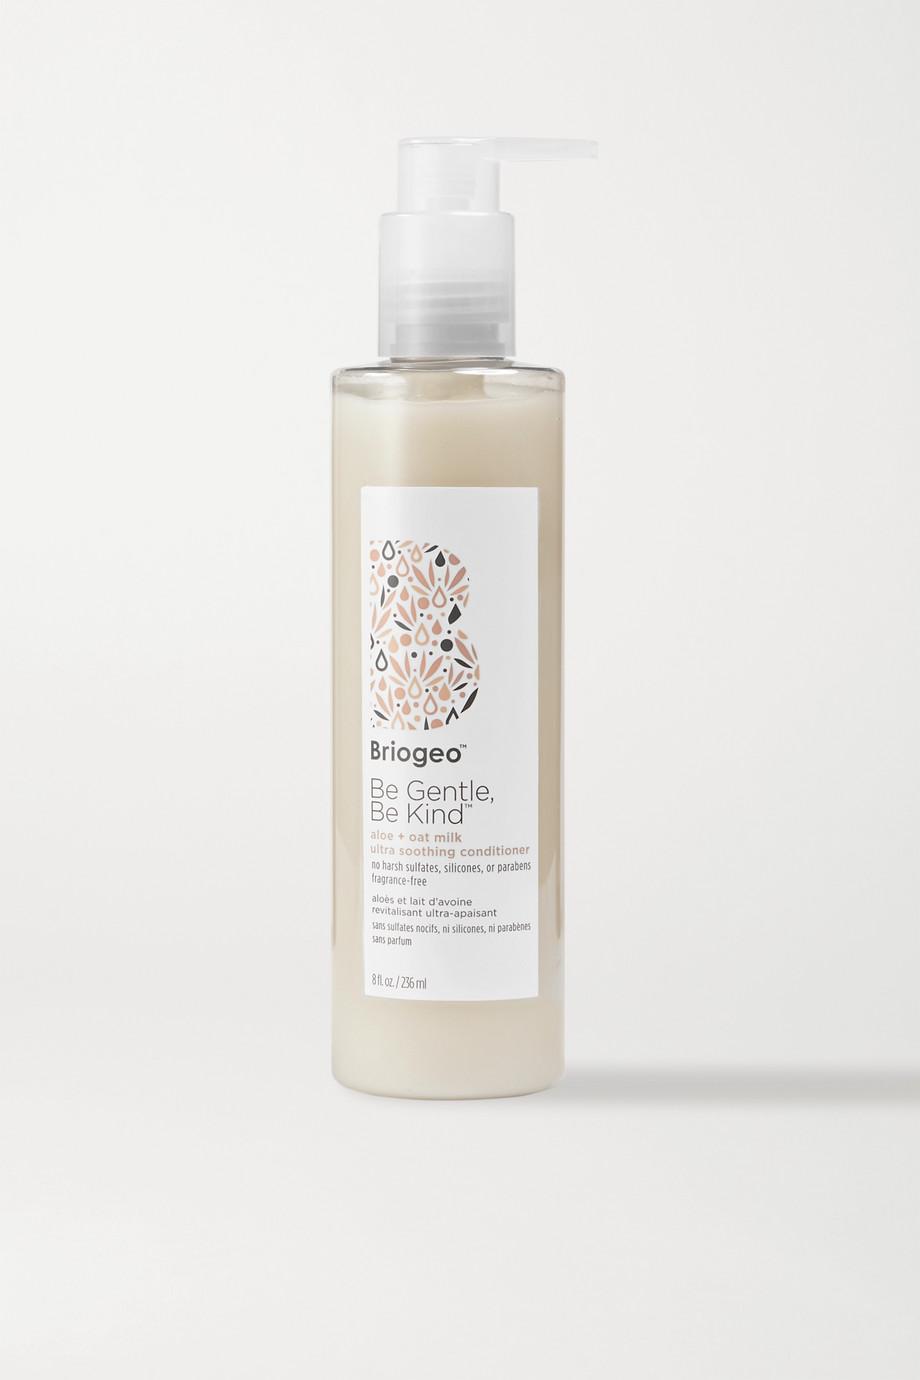 Briogeo Be Gentle, Be Kind Ultra Soothing Aloe + Oat Milk Ultra Soothing Conditioner, 236 ml – Conditioner